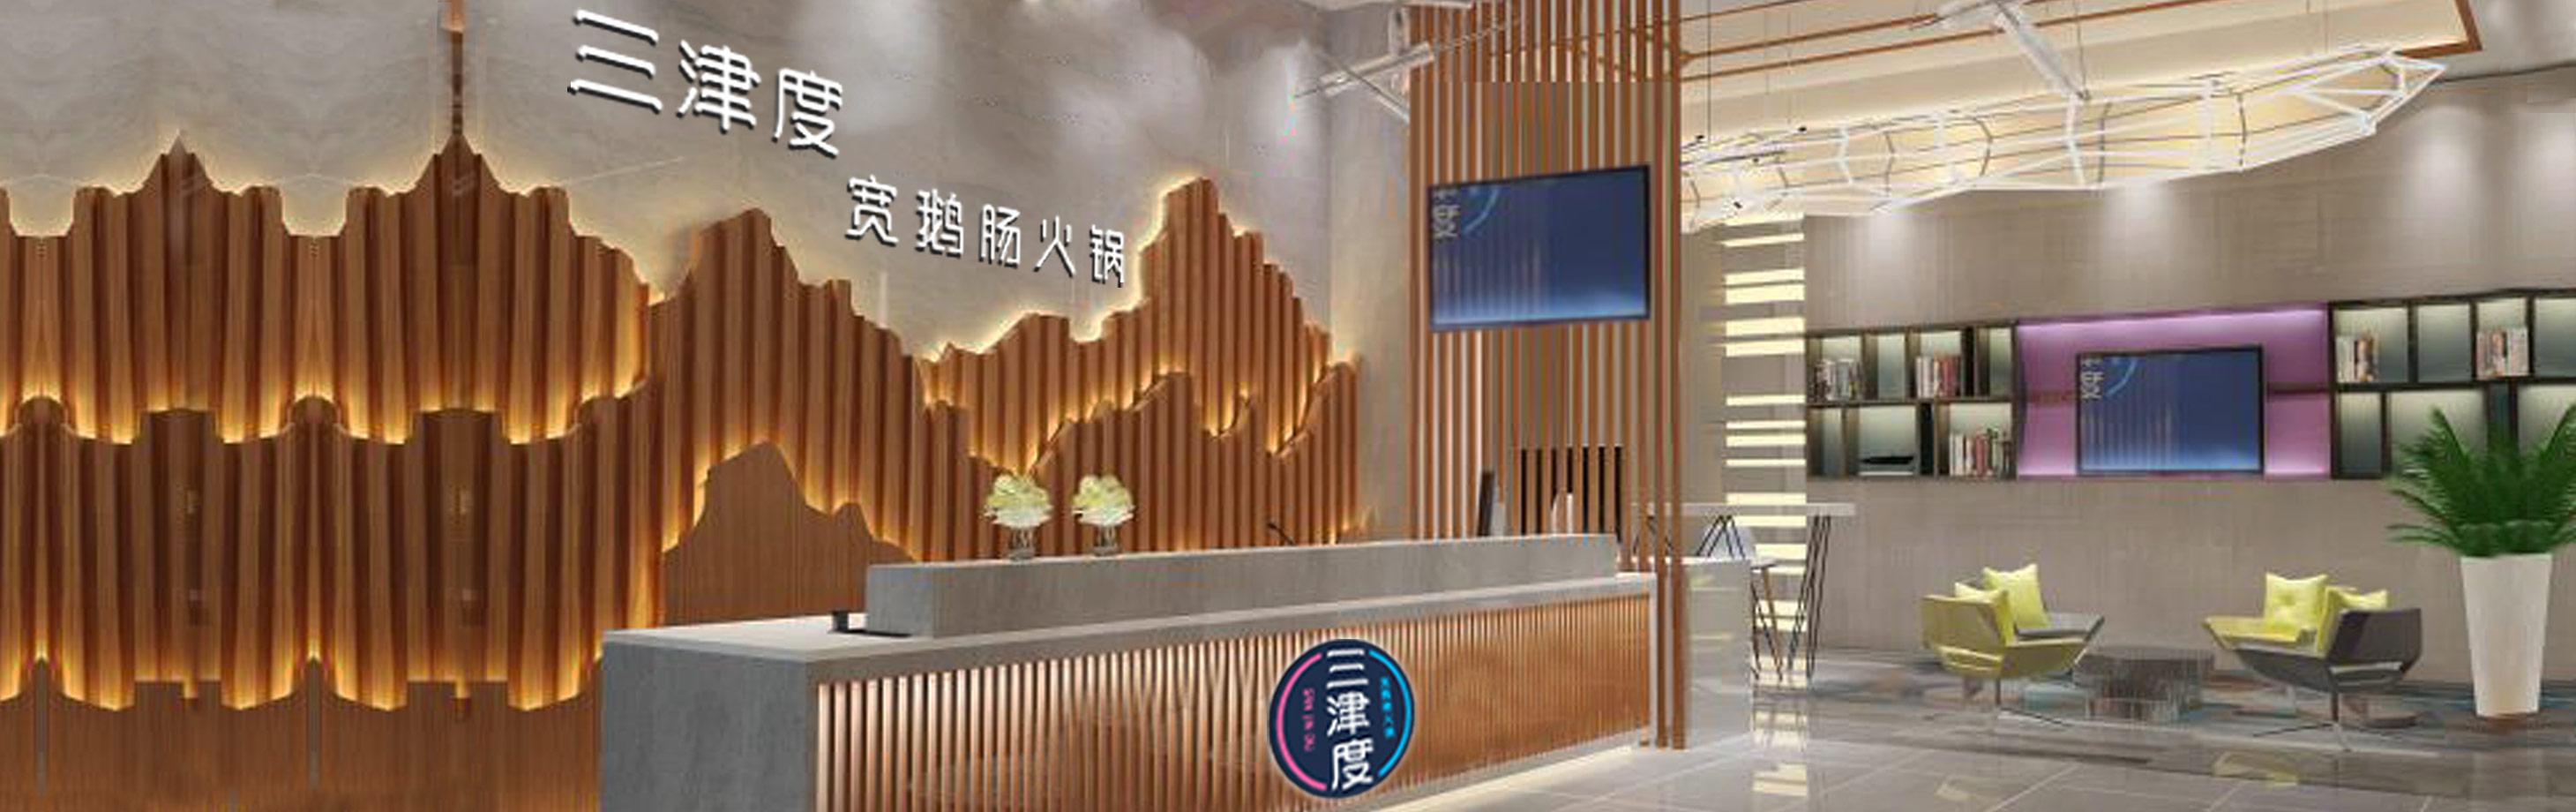 米喜餐饮店品牌策划案列